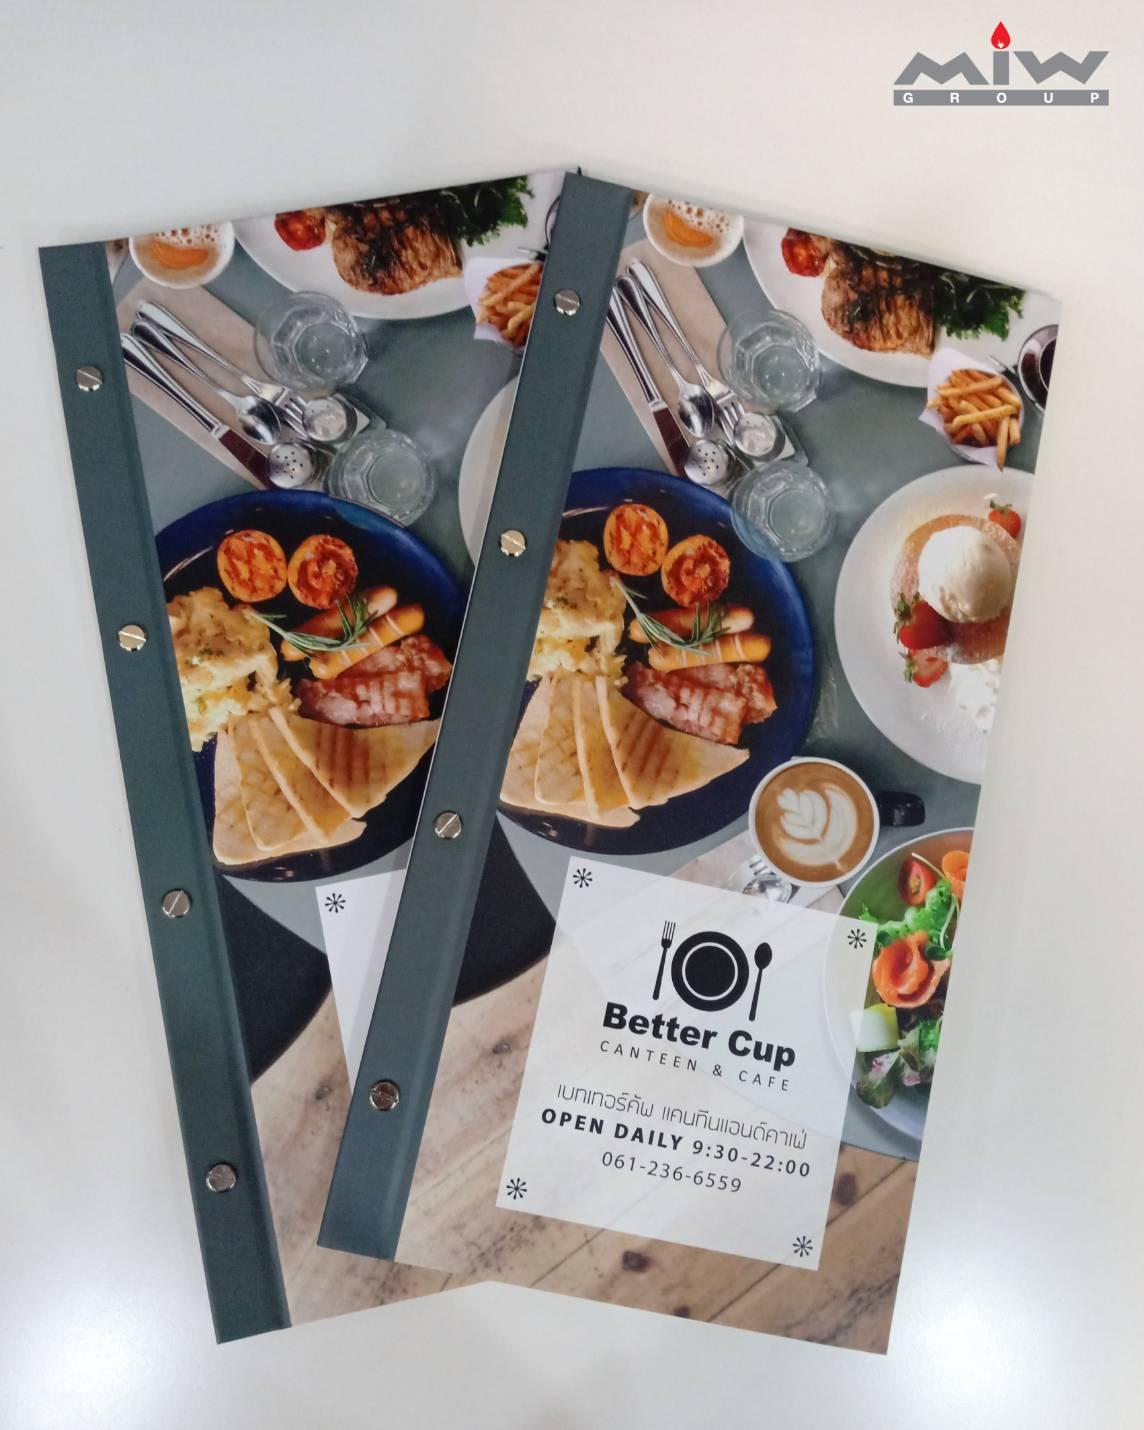 233067 - งานเมนูอาหาร Better Cup Canteen & Cafe